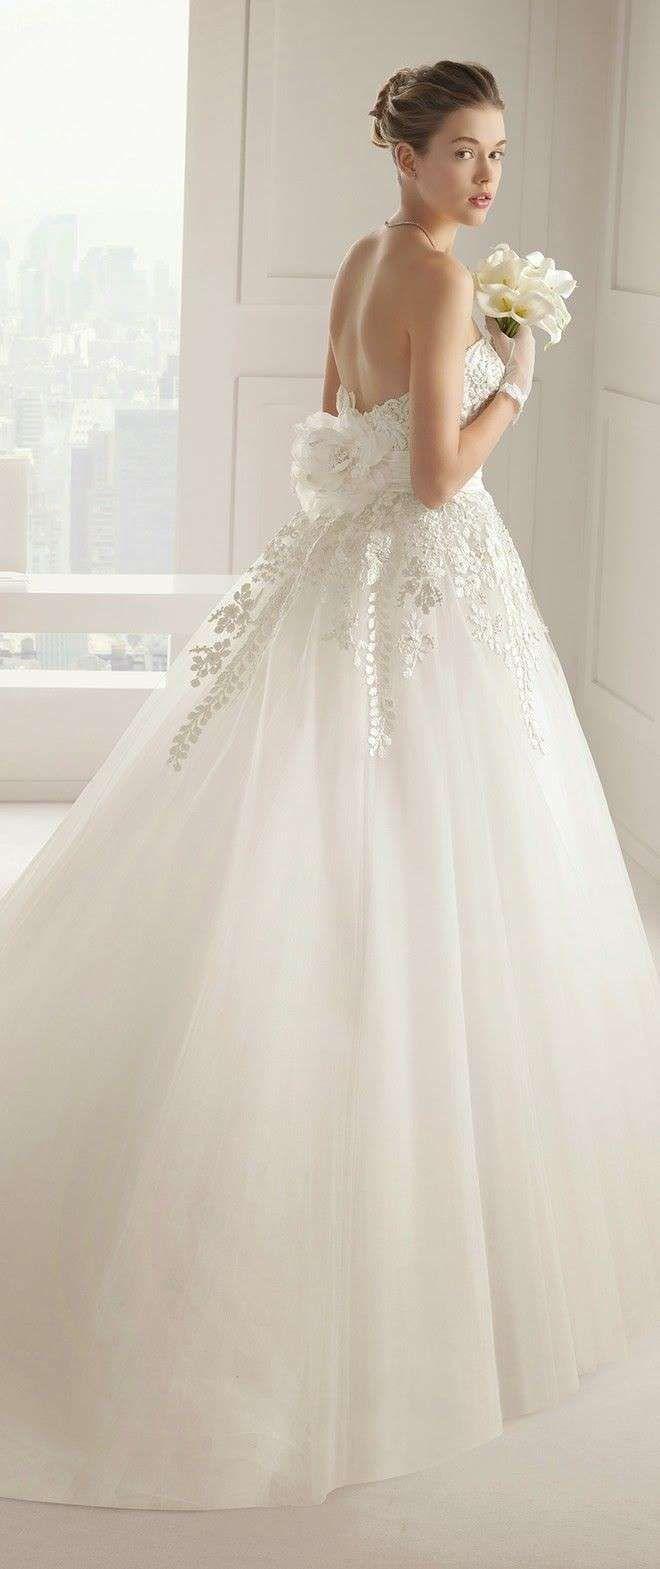 spose autunno inverno | Tendenza abiti da sposa Autunno Inverno 2014-2015 (Foto) | Matrimonio